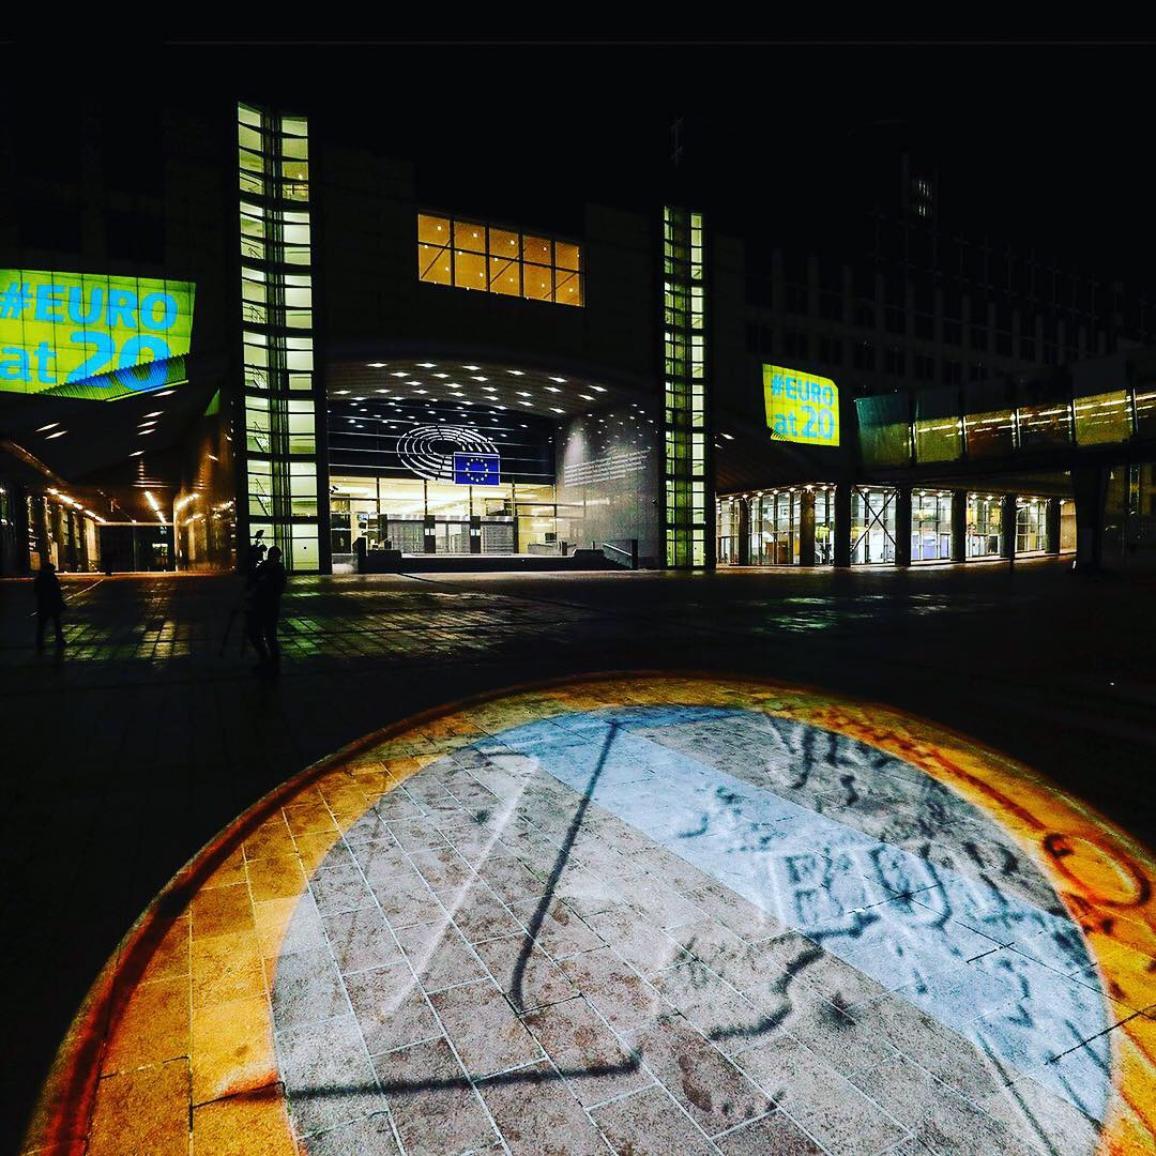 Desde o início do ano que o Parlamento Europeu, em Bruxelas, se encontra iluminado com projeções do euro para assinalar a data.